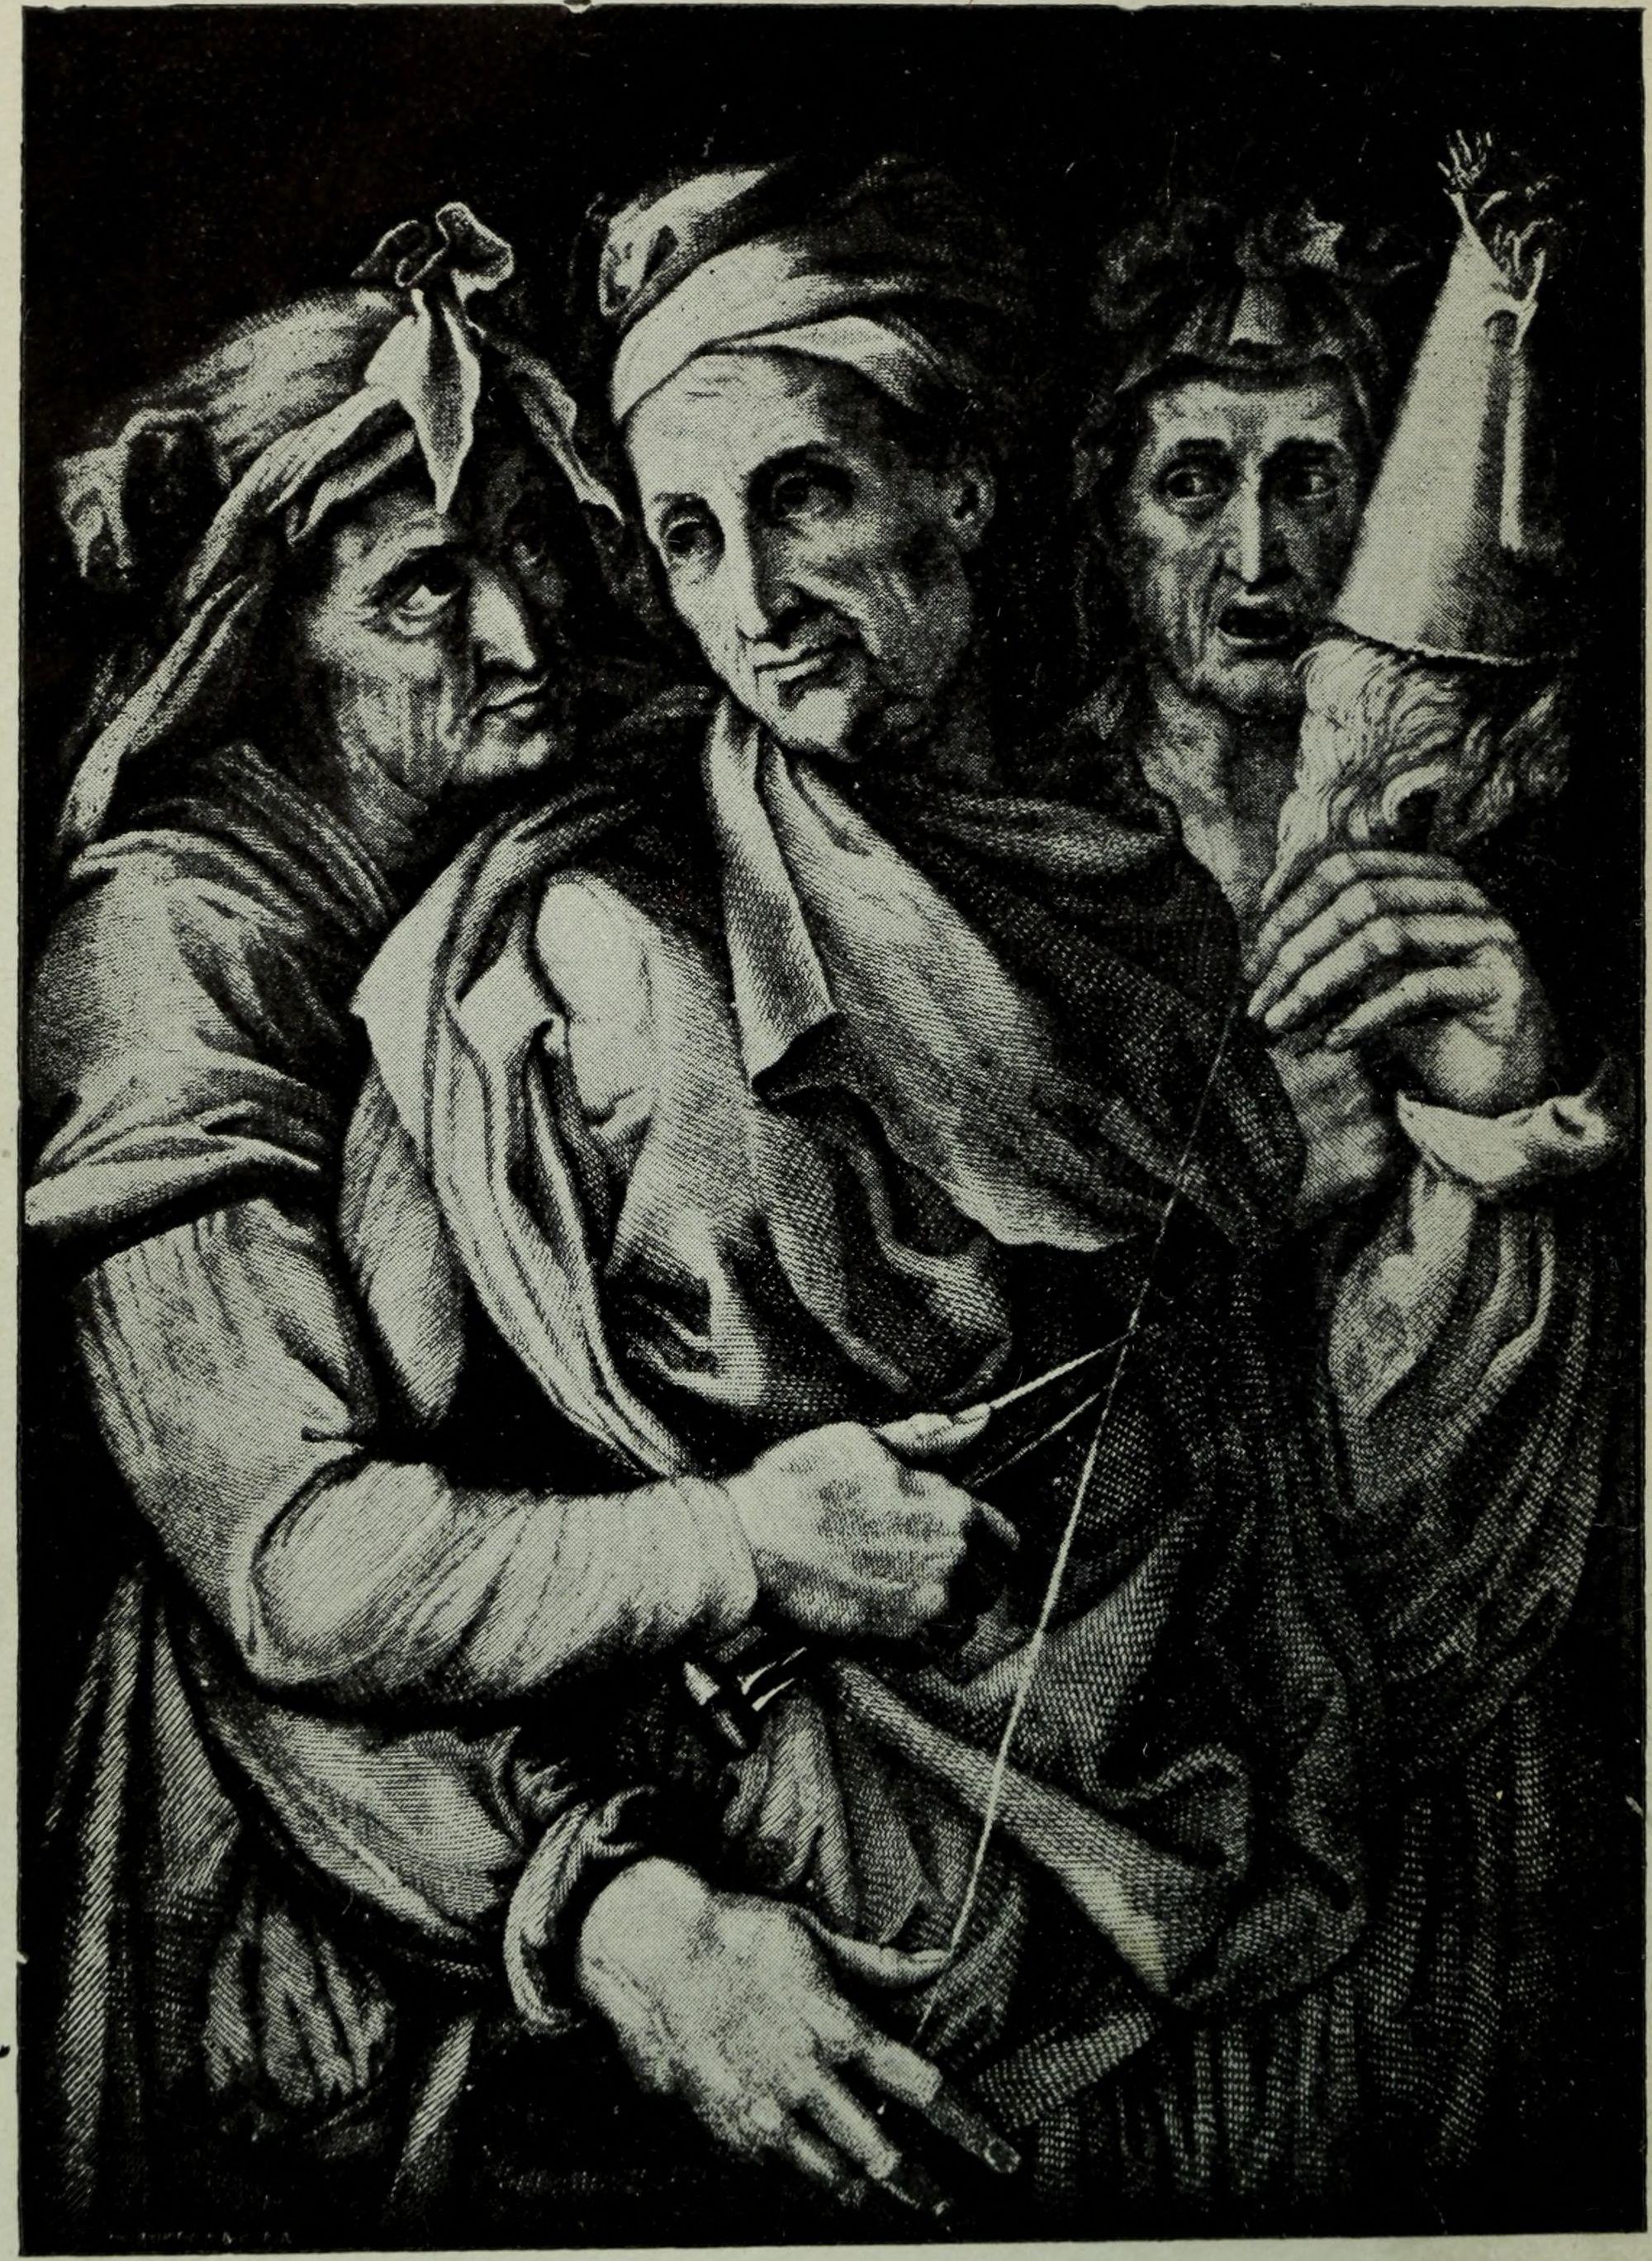 Las Moiras como aparecen en la versión ilustrada de la Eneida publicada por la Universidad de Toronto en 1888